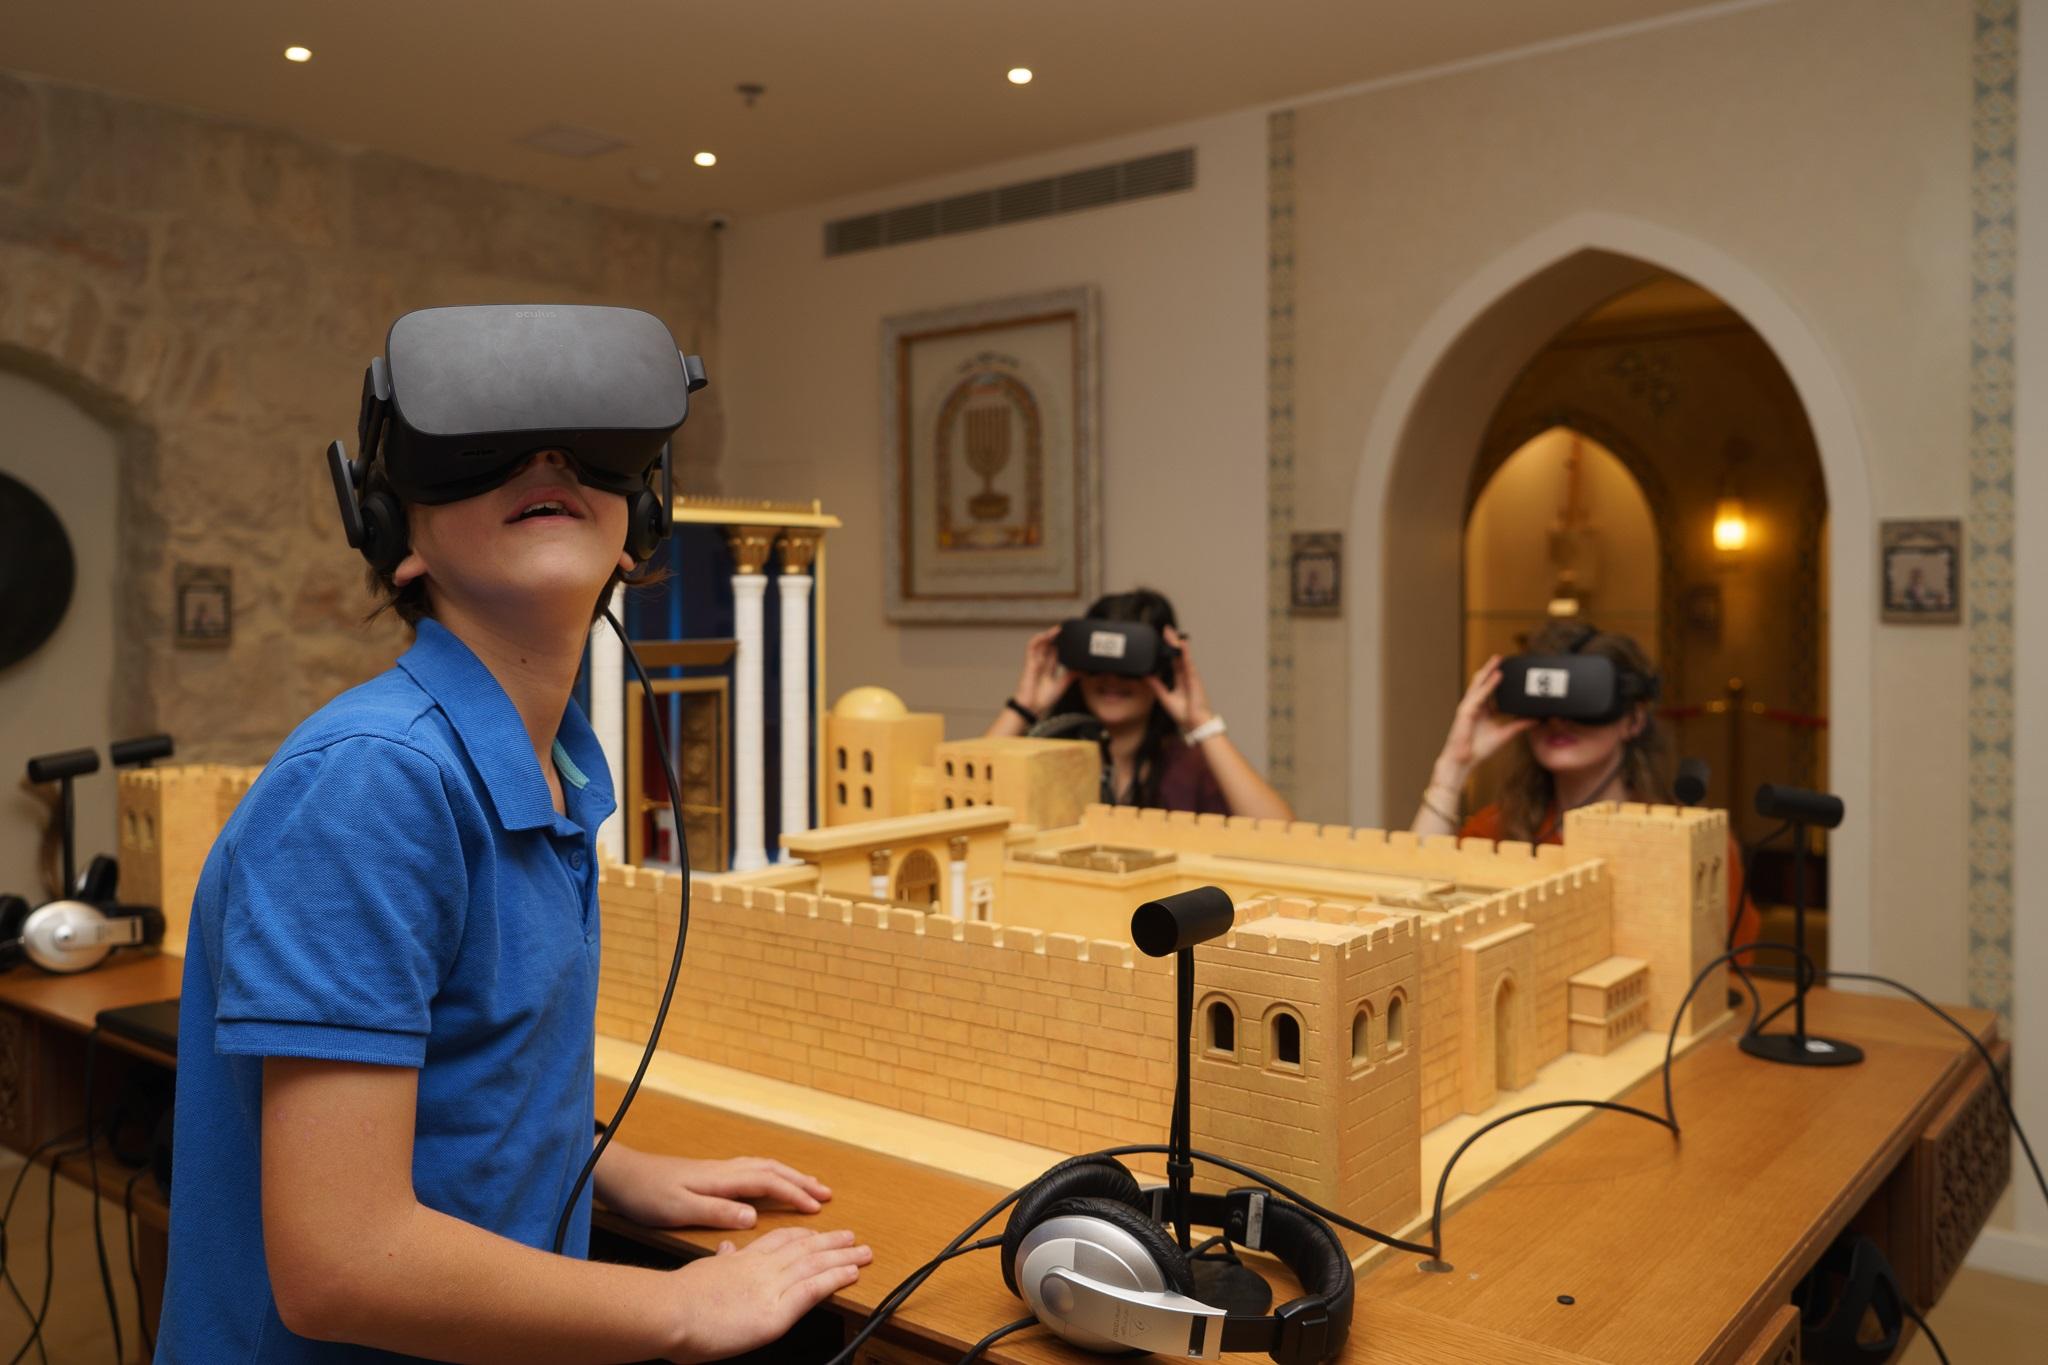 מציאות מדומה במוזיאון המוזיקה  (איתי נדב)